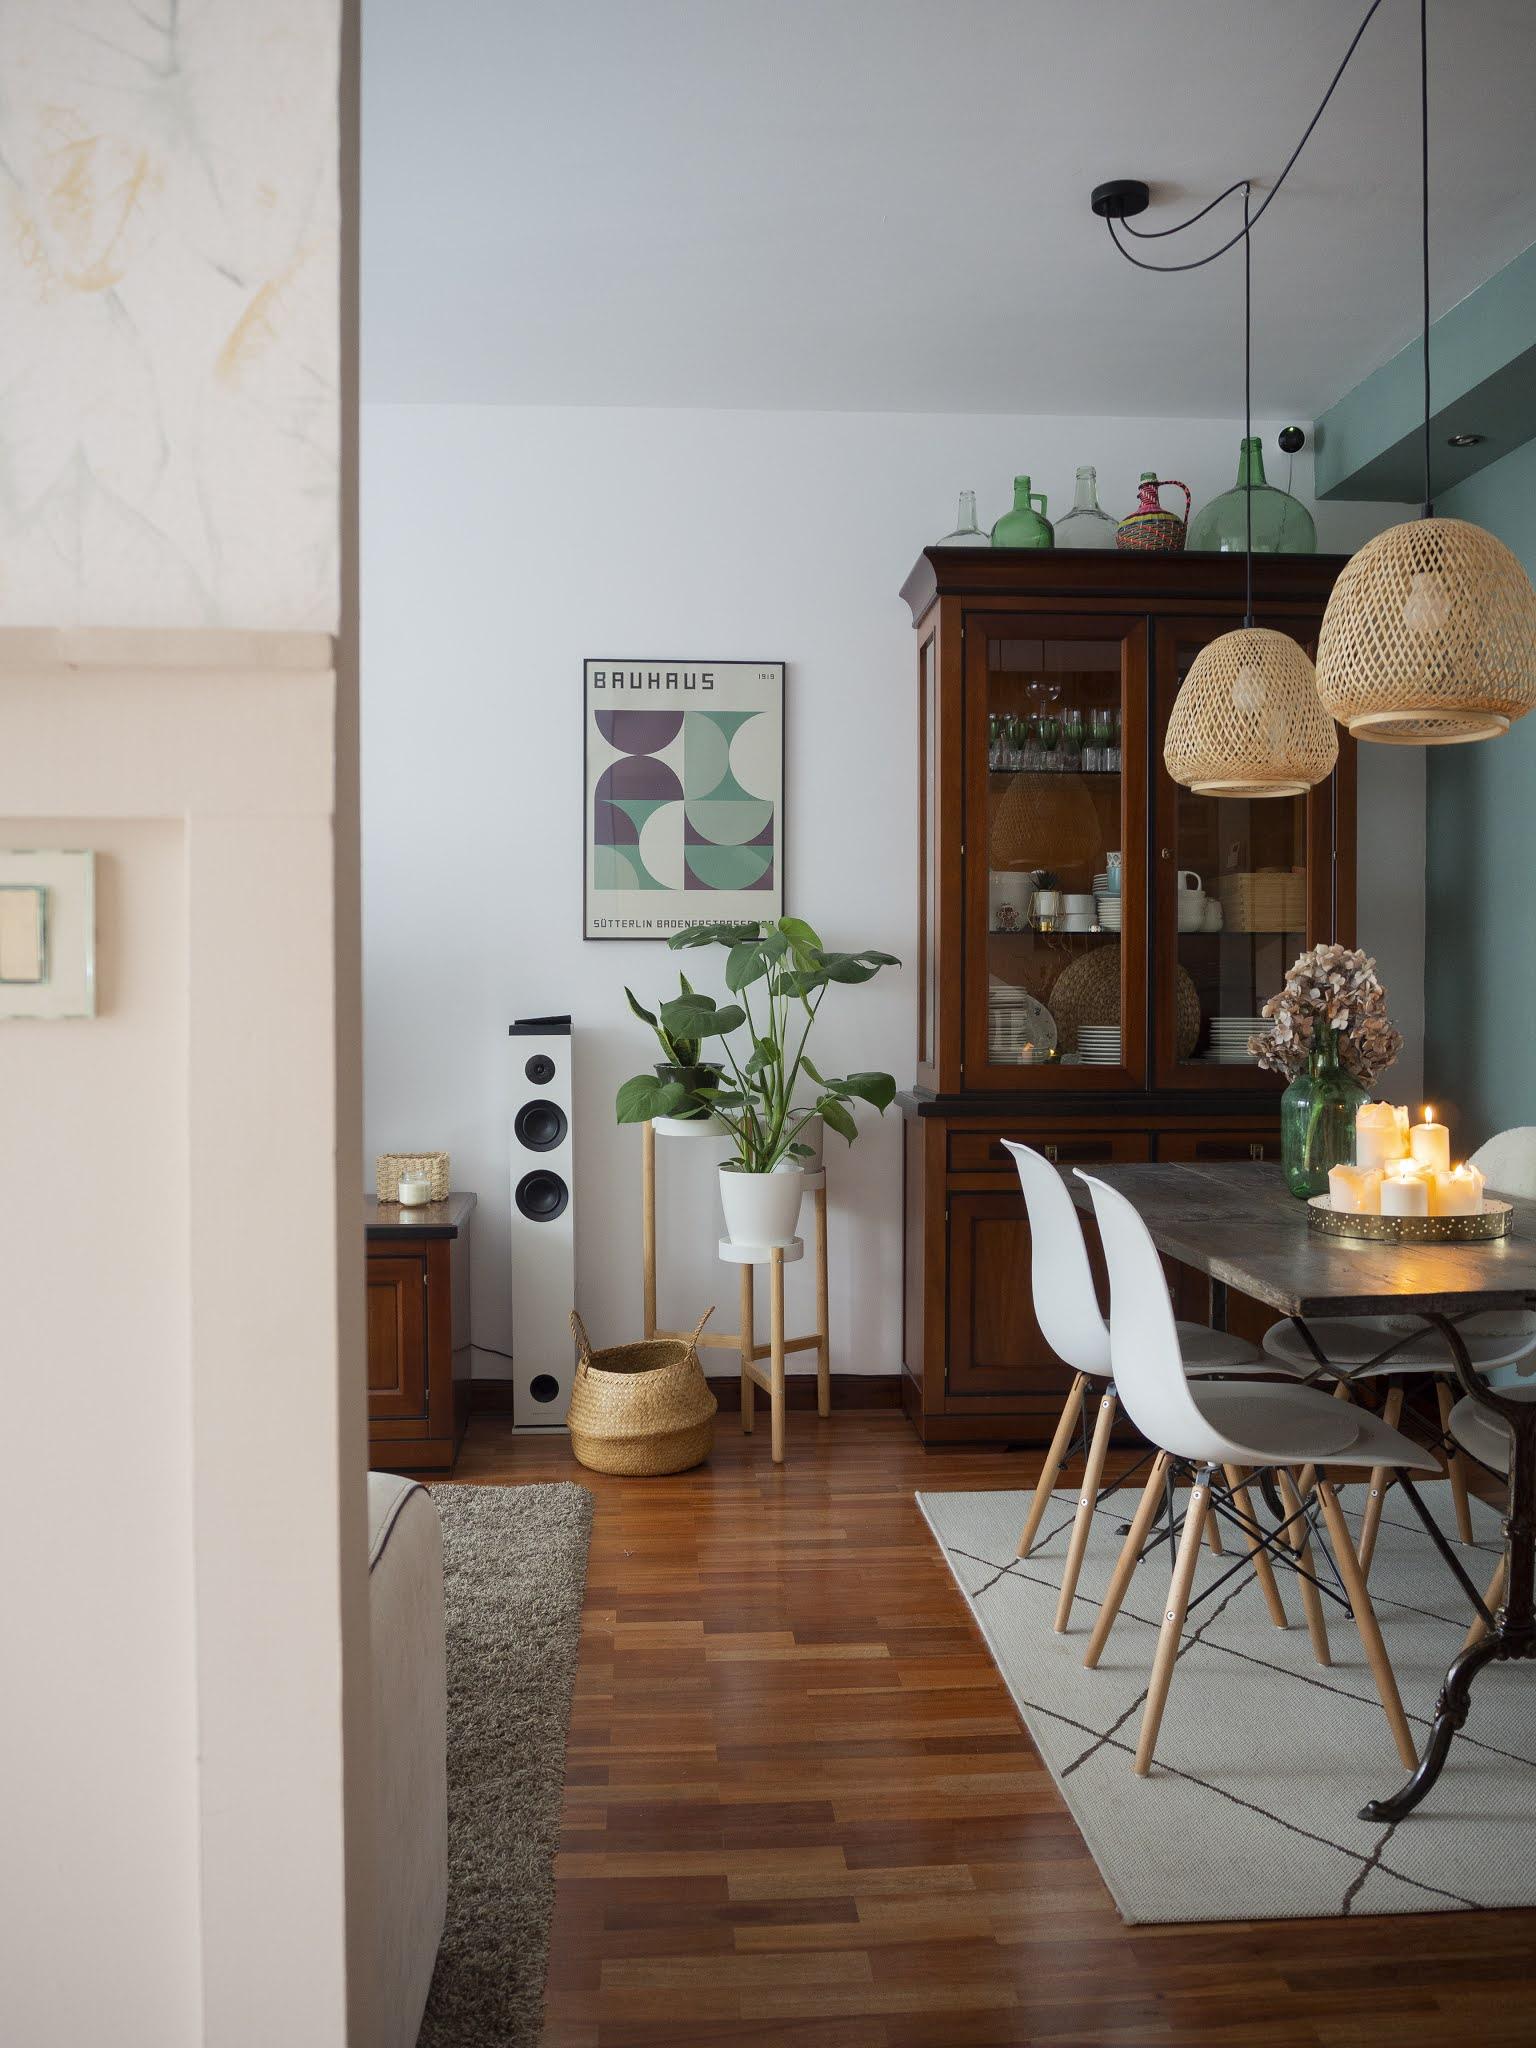 4 trucos para decorar de forma coherente vuestro hogar_Decorar en familia9